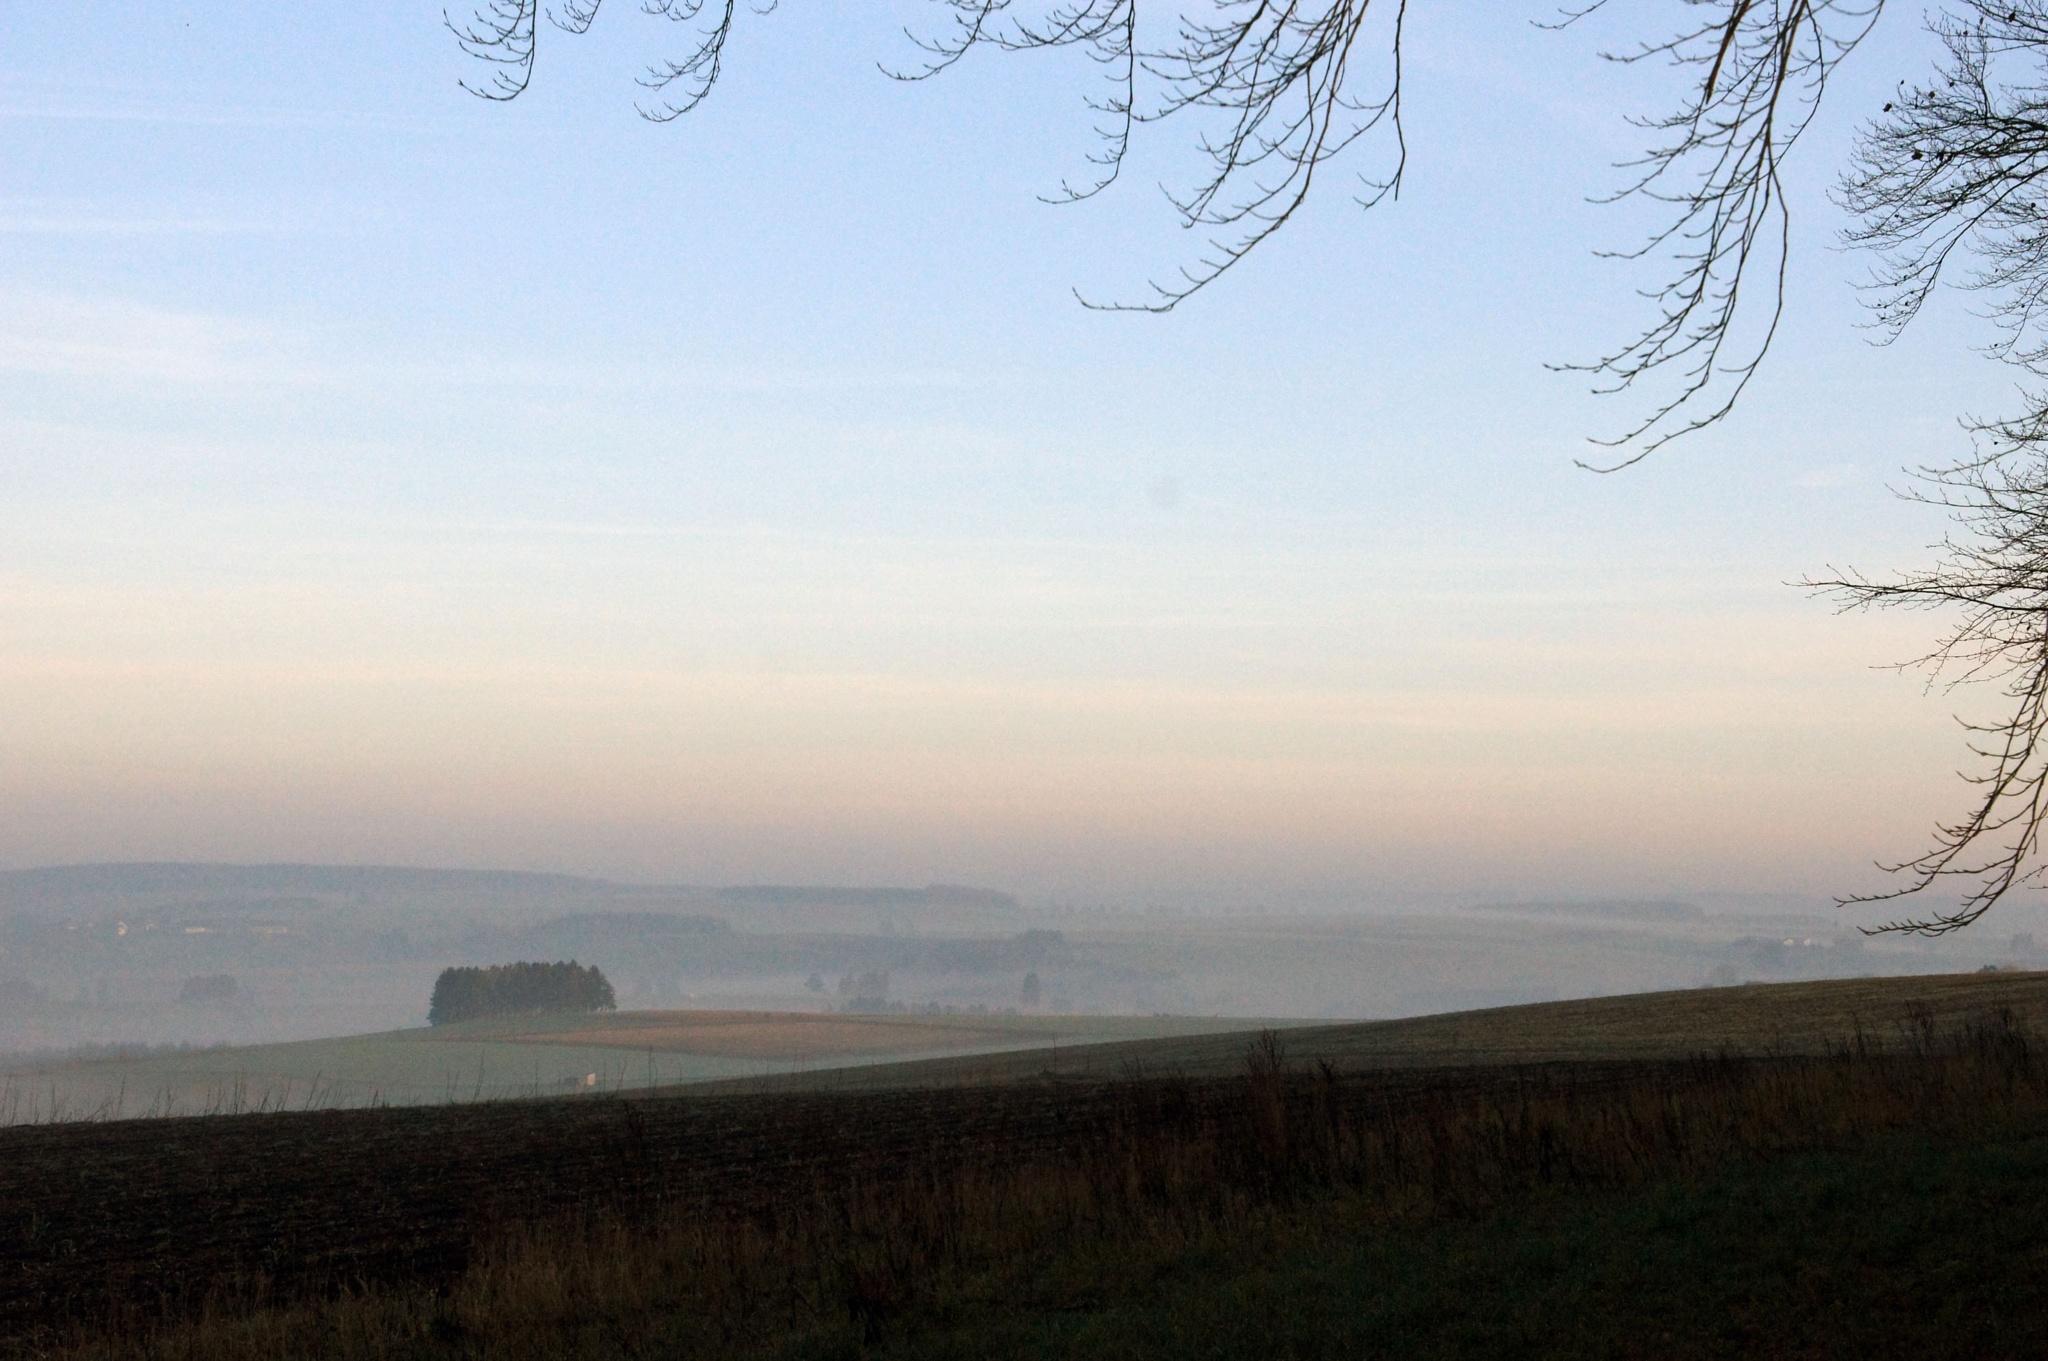 Misty morning by JMLart